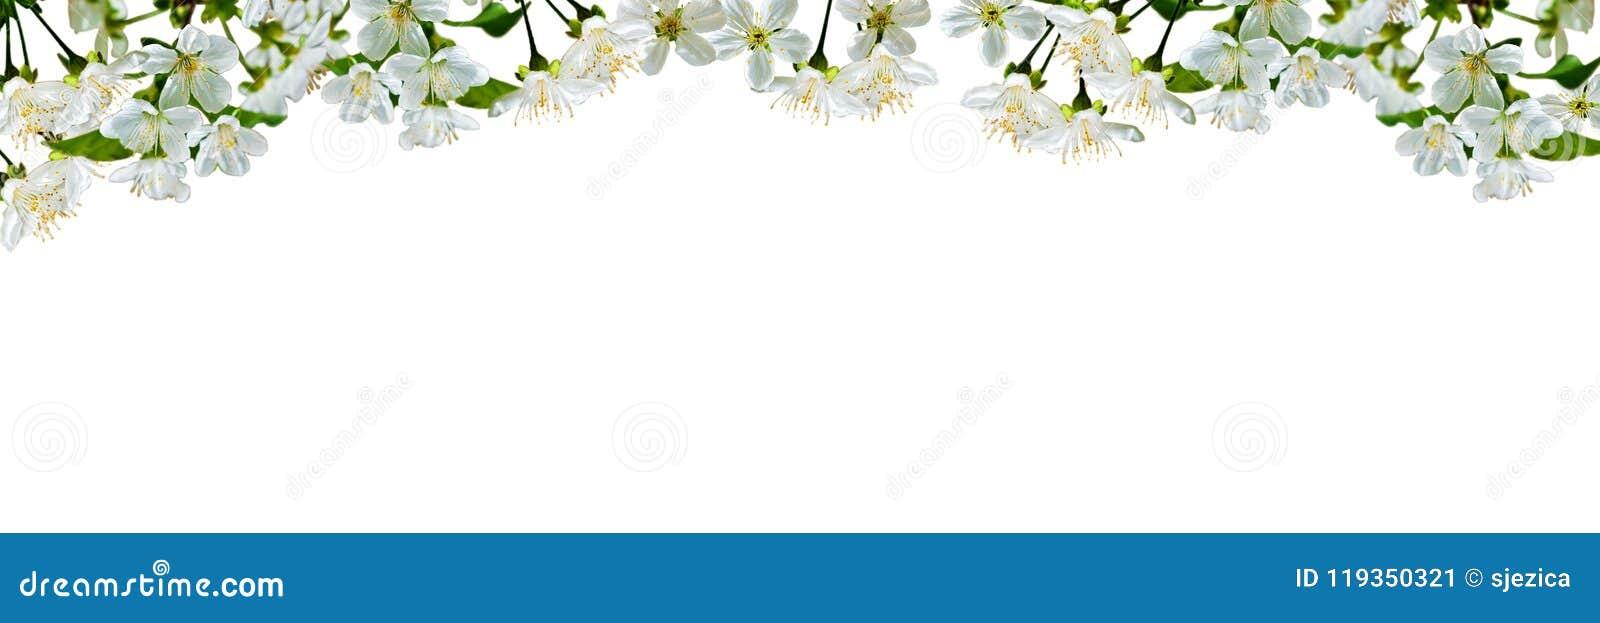 Sfondo naturale con i fiori e le foglie della ciliegia